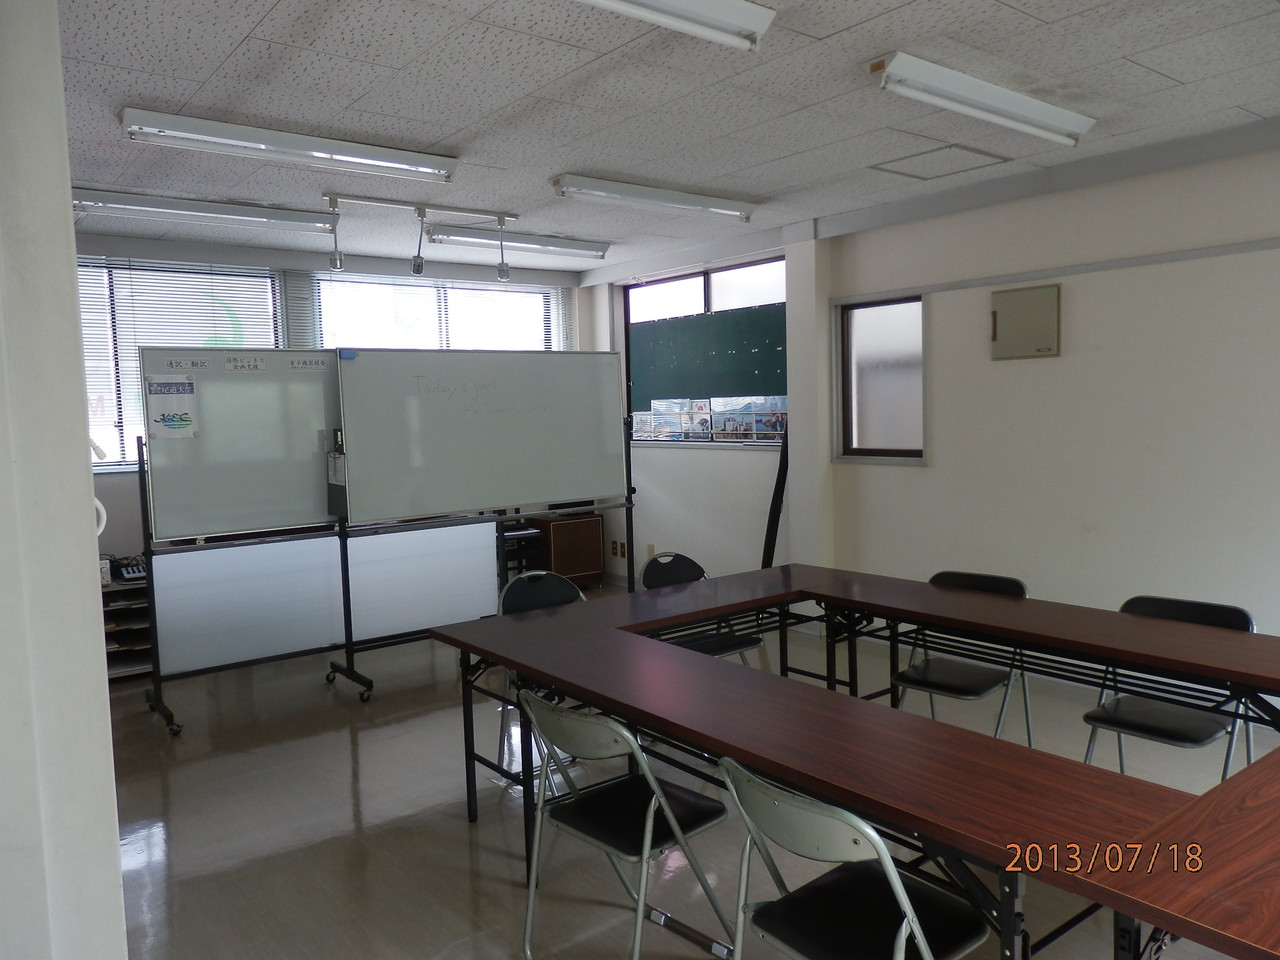 KECビル2階、201号室(10坪)内部(講義室として使用)